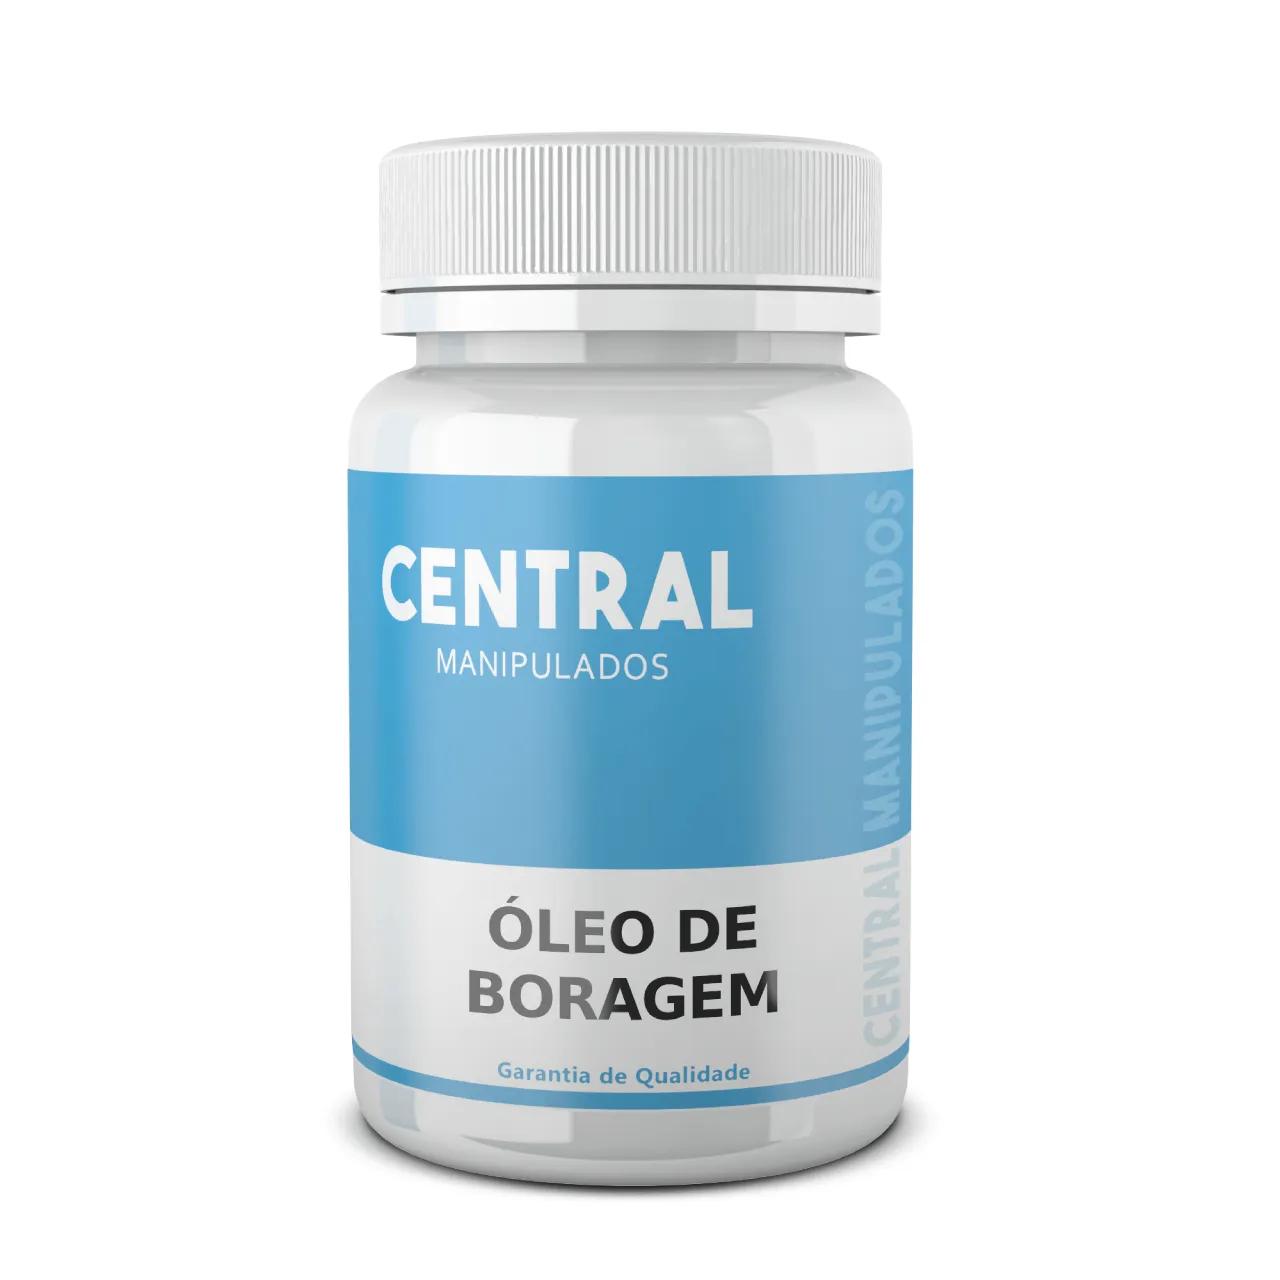 Óleo de Boragem 500mg - 180 cápsulas - Bom para Inflamações de Pele, TPM, Problemas Reumáticos